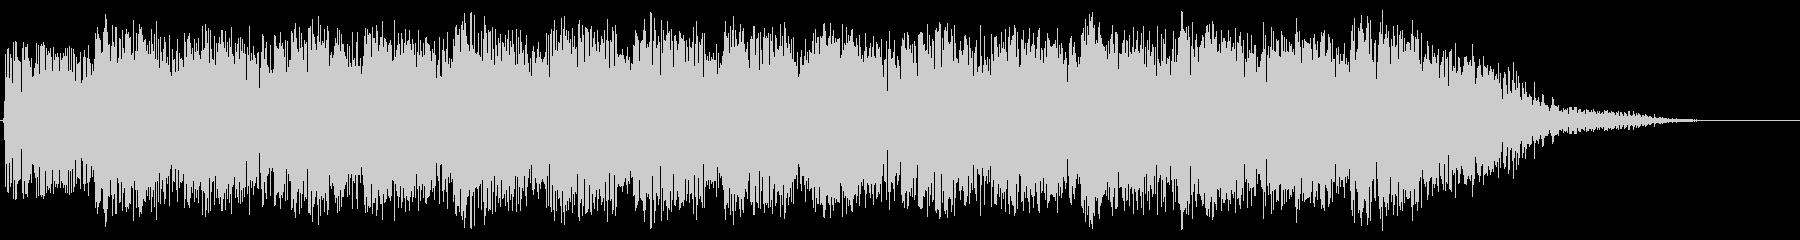 パンチの高速連打のイメージ(短め)の未再生の波形